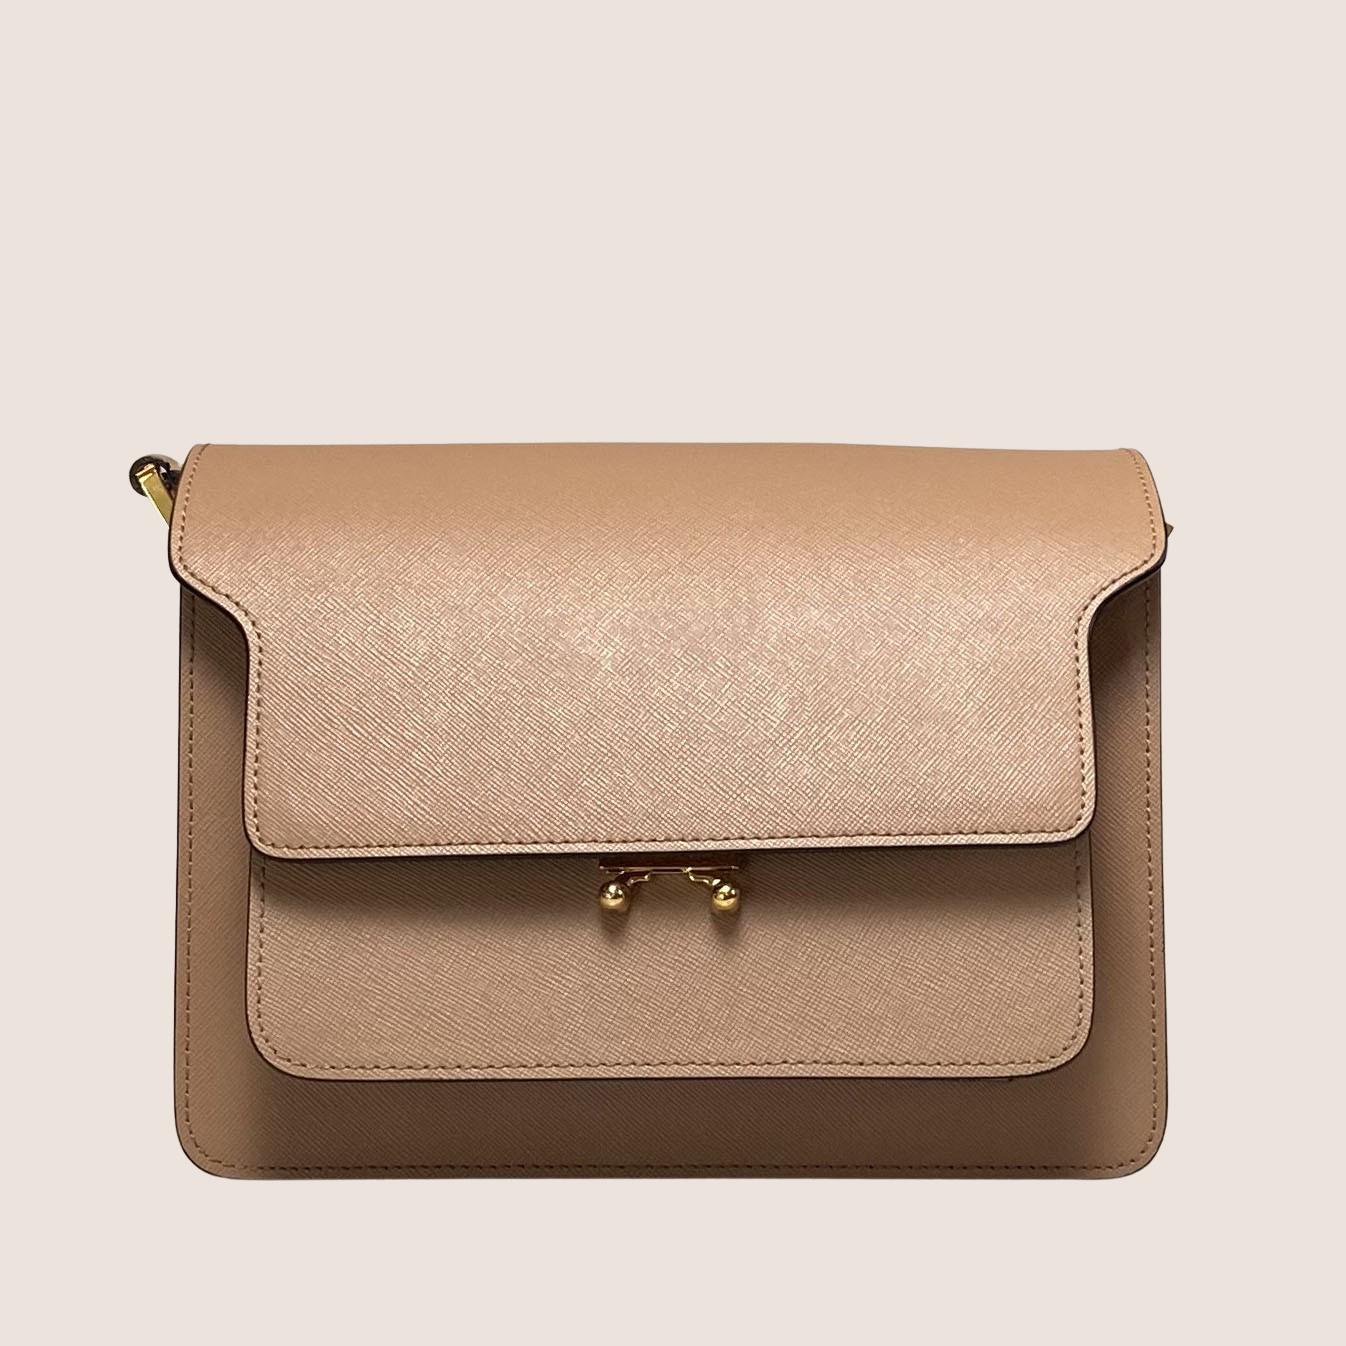 Trunk Bag Medium - Saffiano